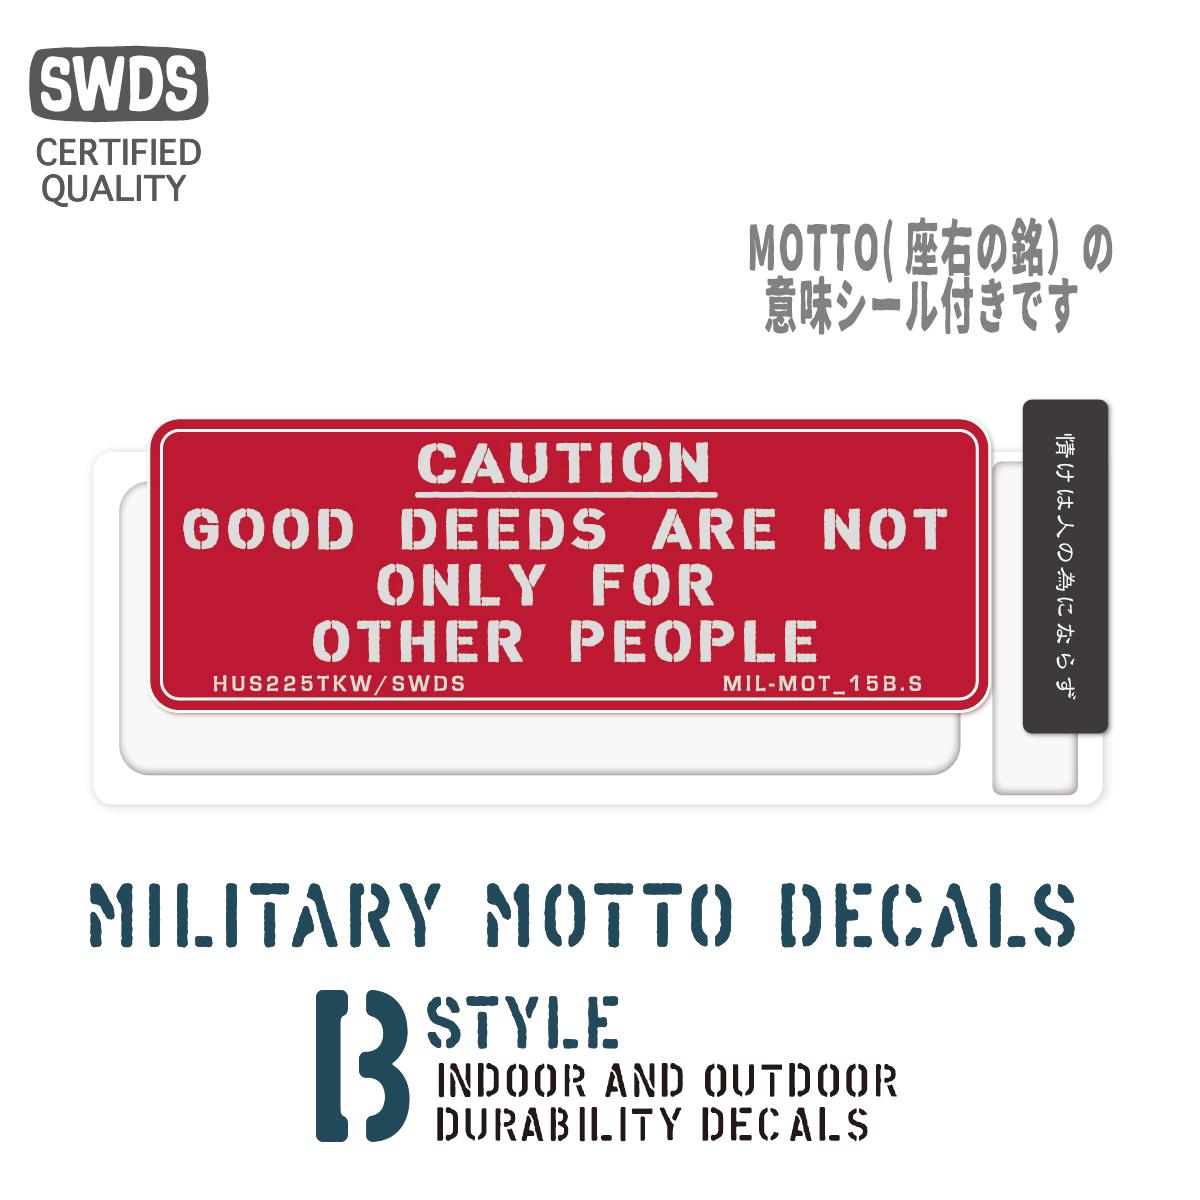 MIL-MOTB-S-015S